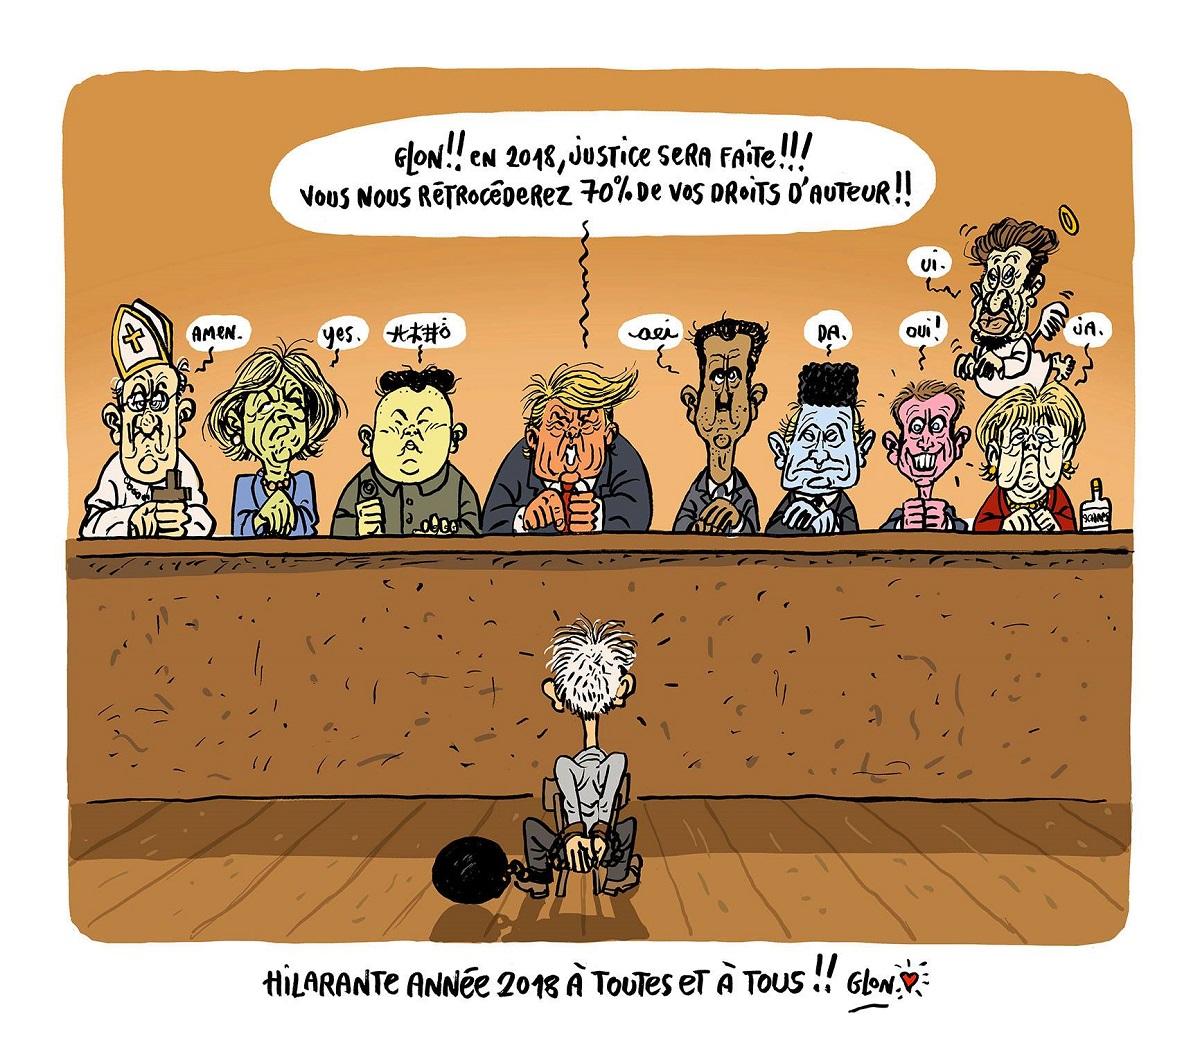 dessin humoristique de Glon jugé par les personnes qu'il a caricaturé en 2017